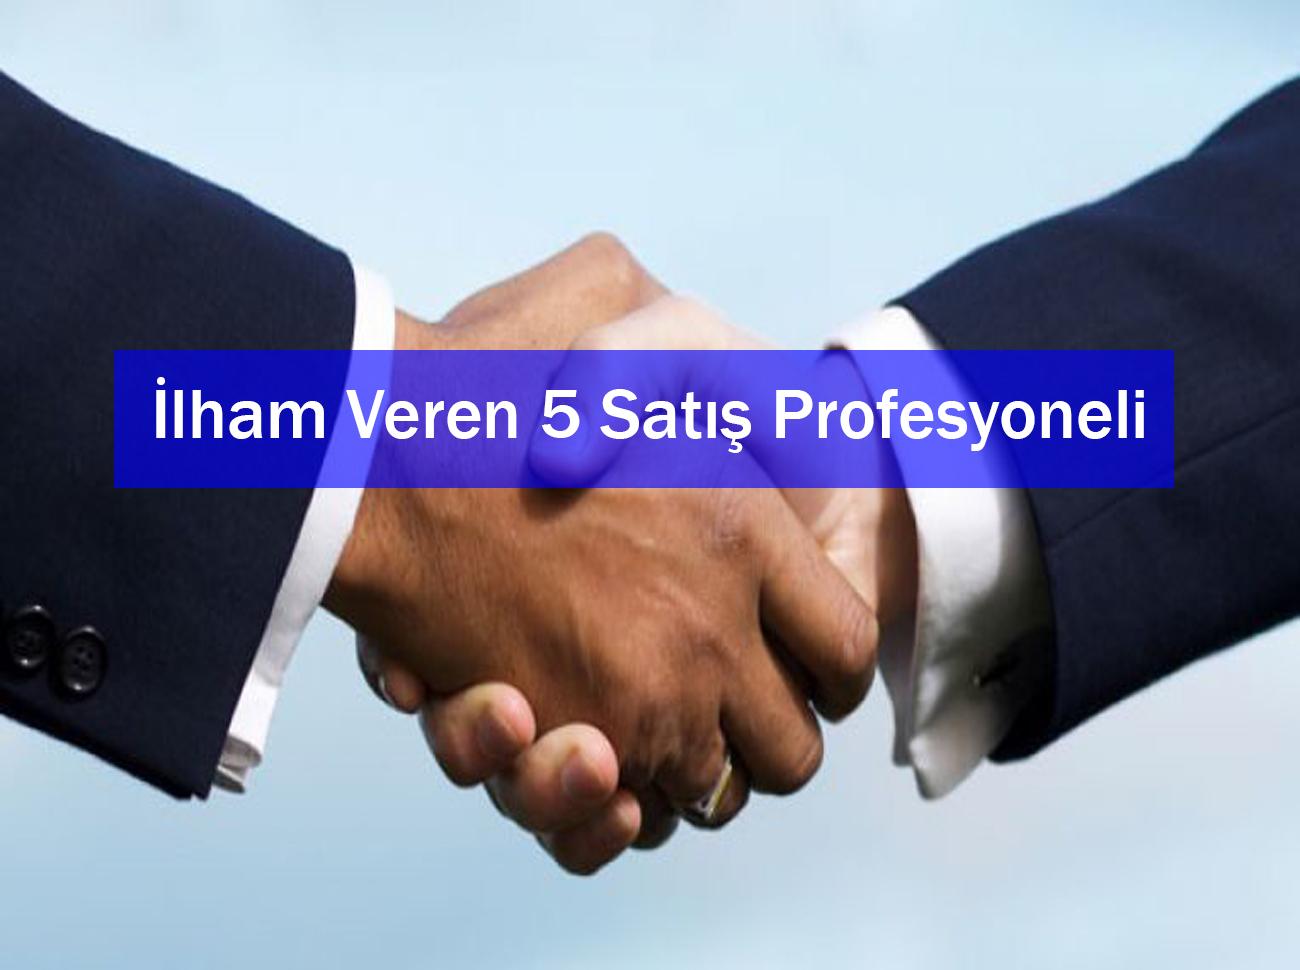 İlham Veren 5 Satış Profesyoneli